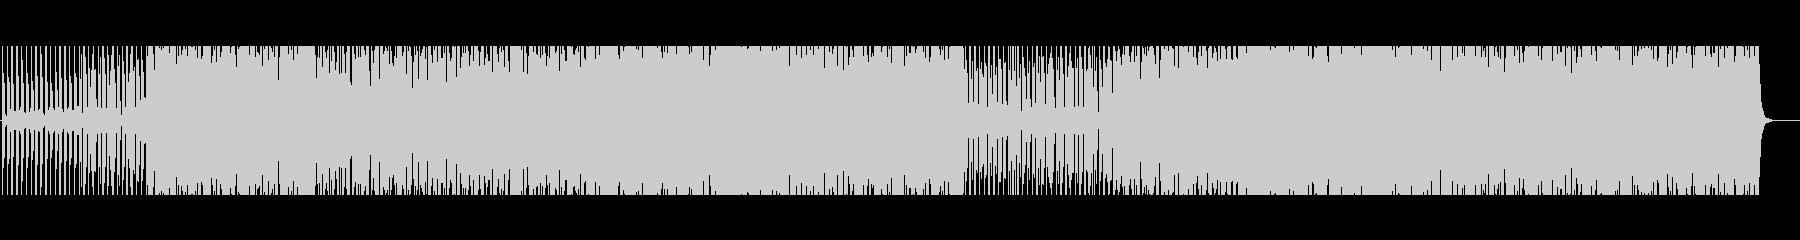 ブルージー・ファンキーなポップインストの未再生の波形